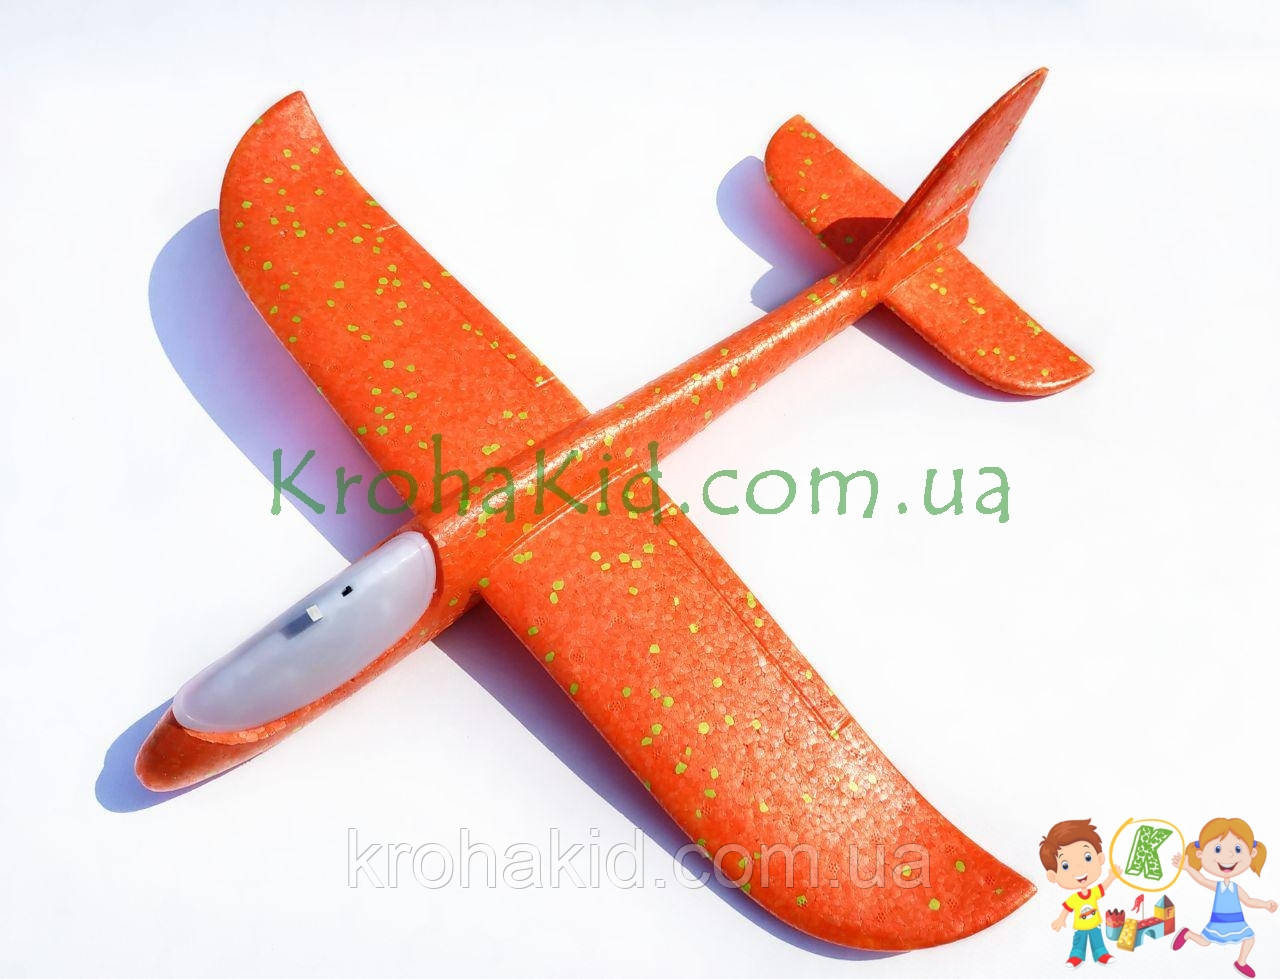 Самолёт планер метательный Explosion Y8551-49 светящийся (большой размах крыльев 49 см) Оранжевый